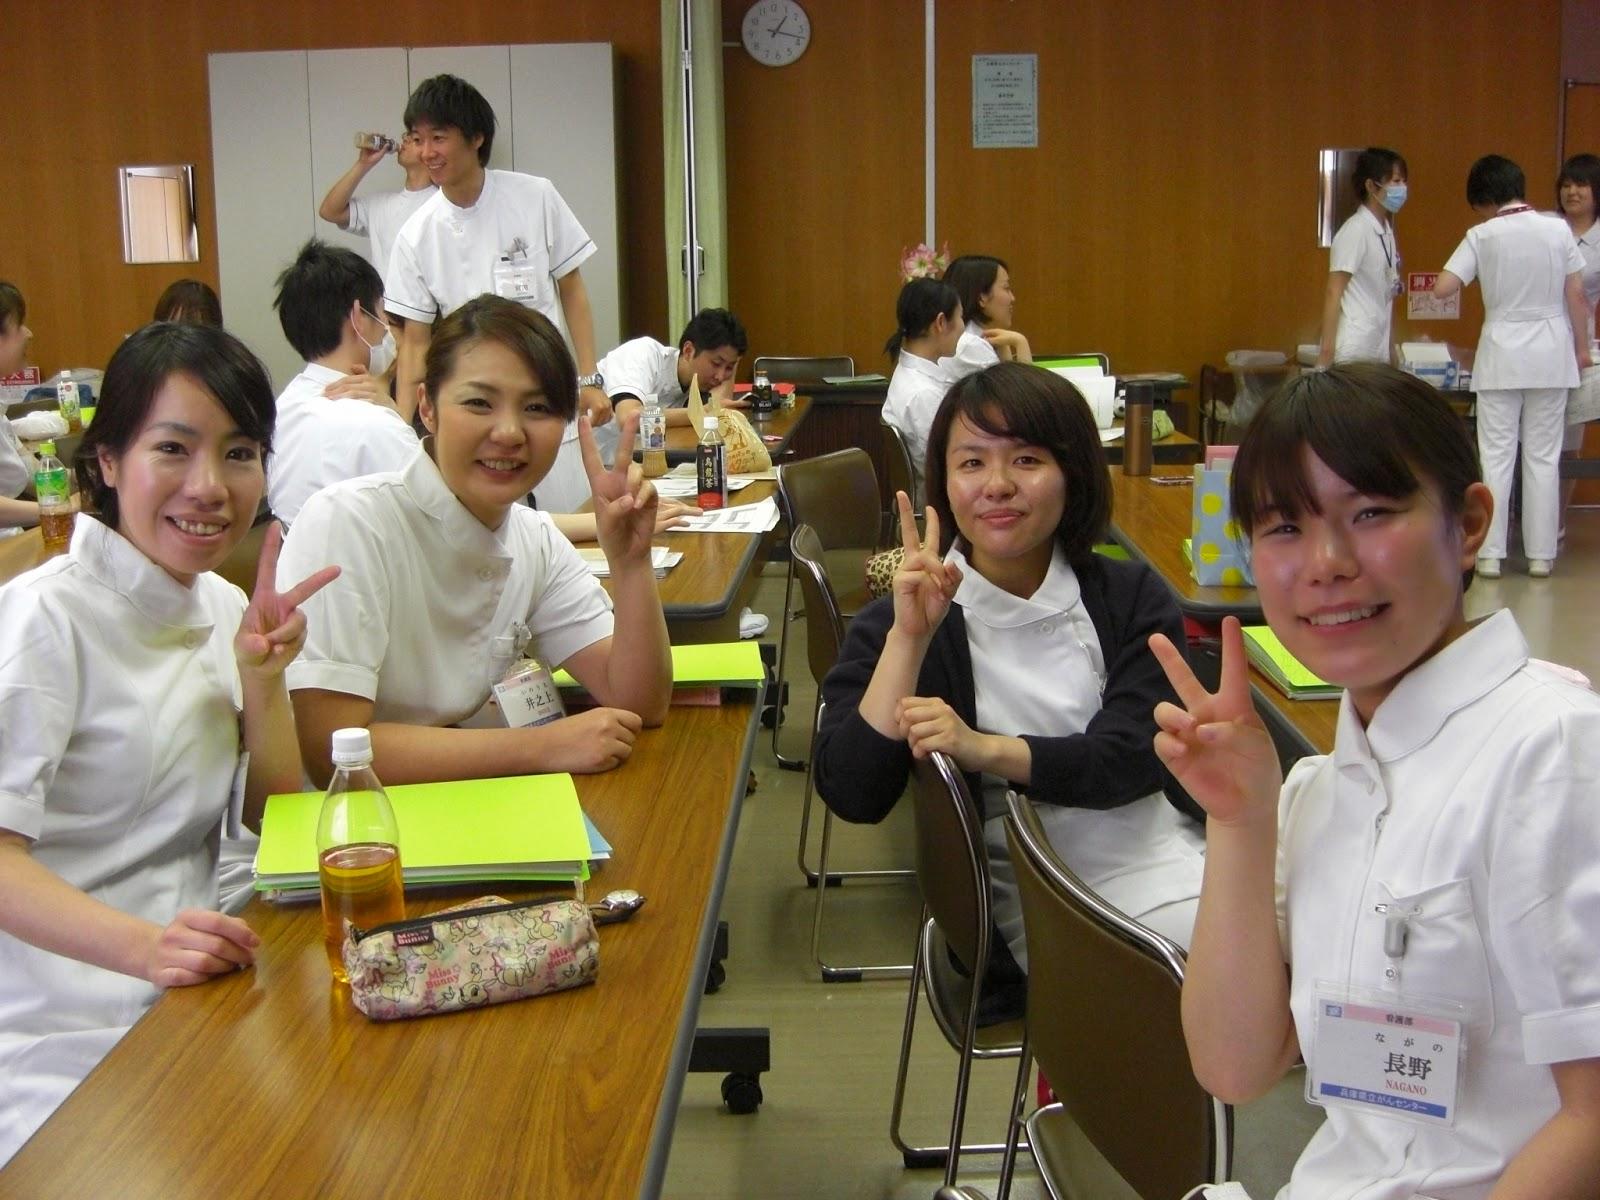 県立 が ん センター 兵庫 兵庫県/兵庫県立フラワーセンター